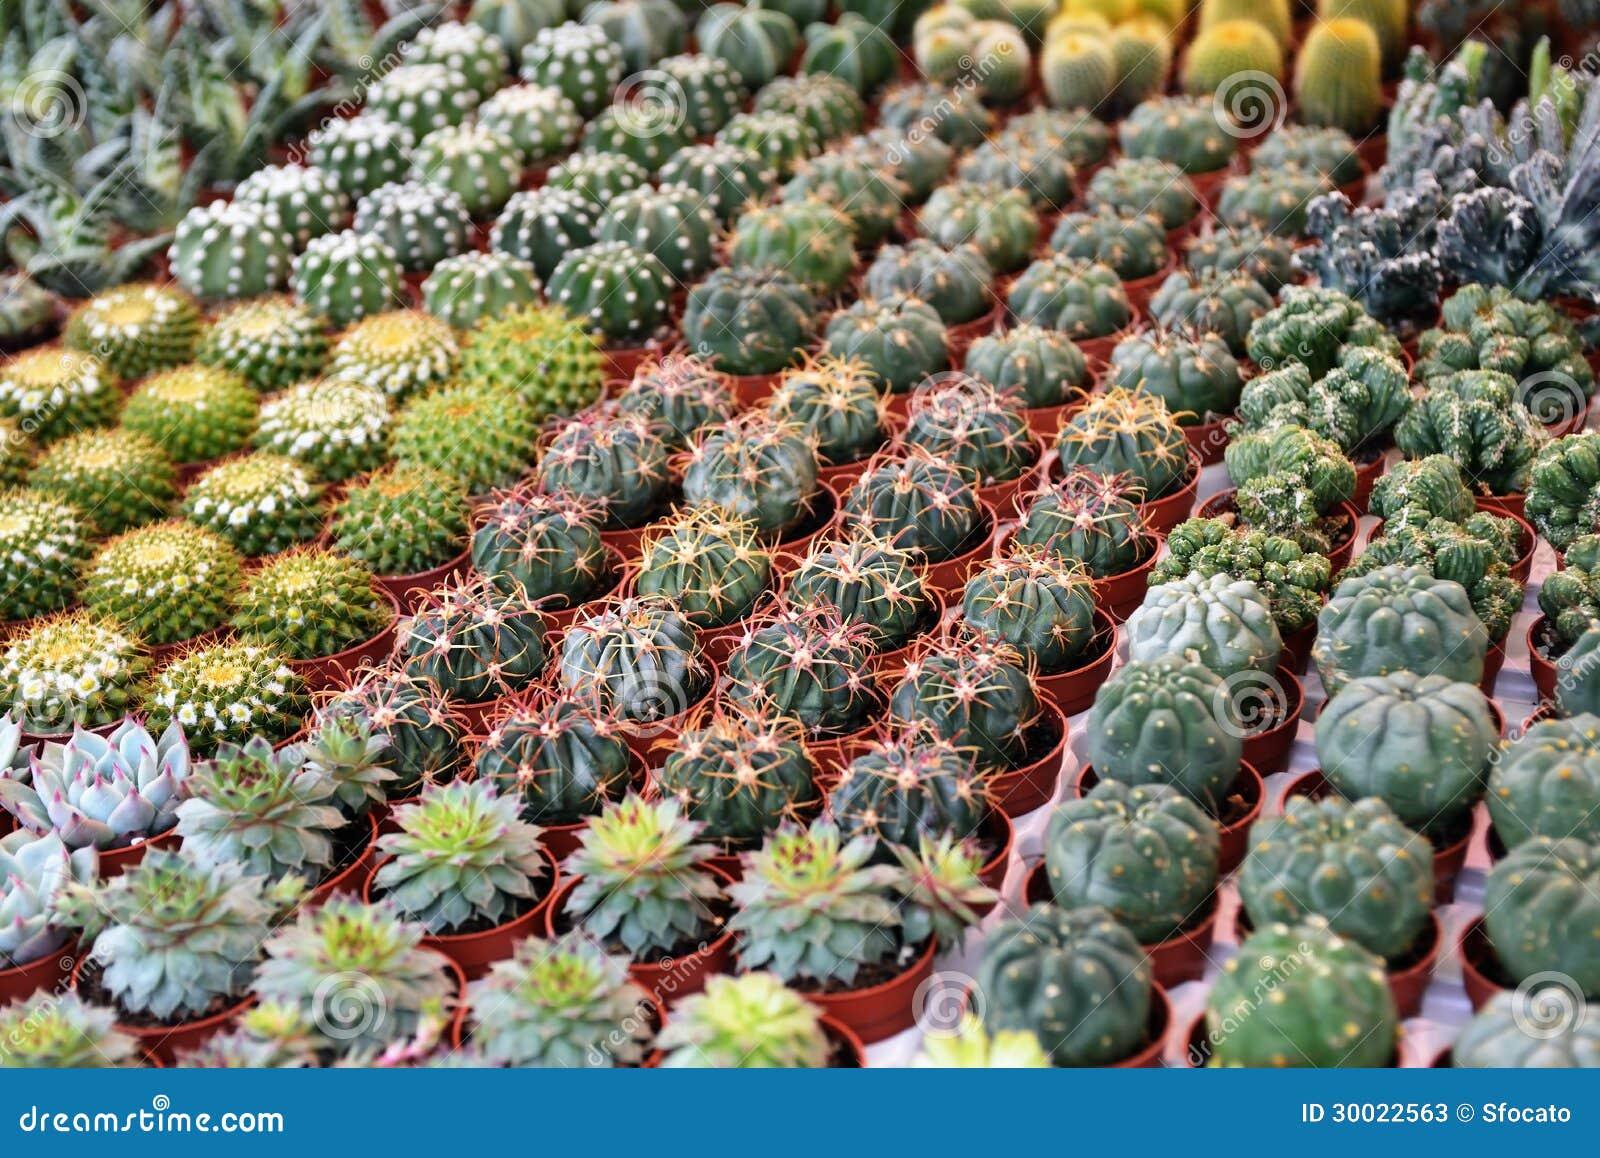 Diversos tipos de plantas suculentas al mercado de la flor, foco